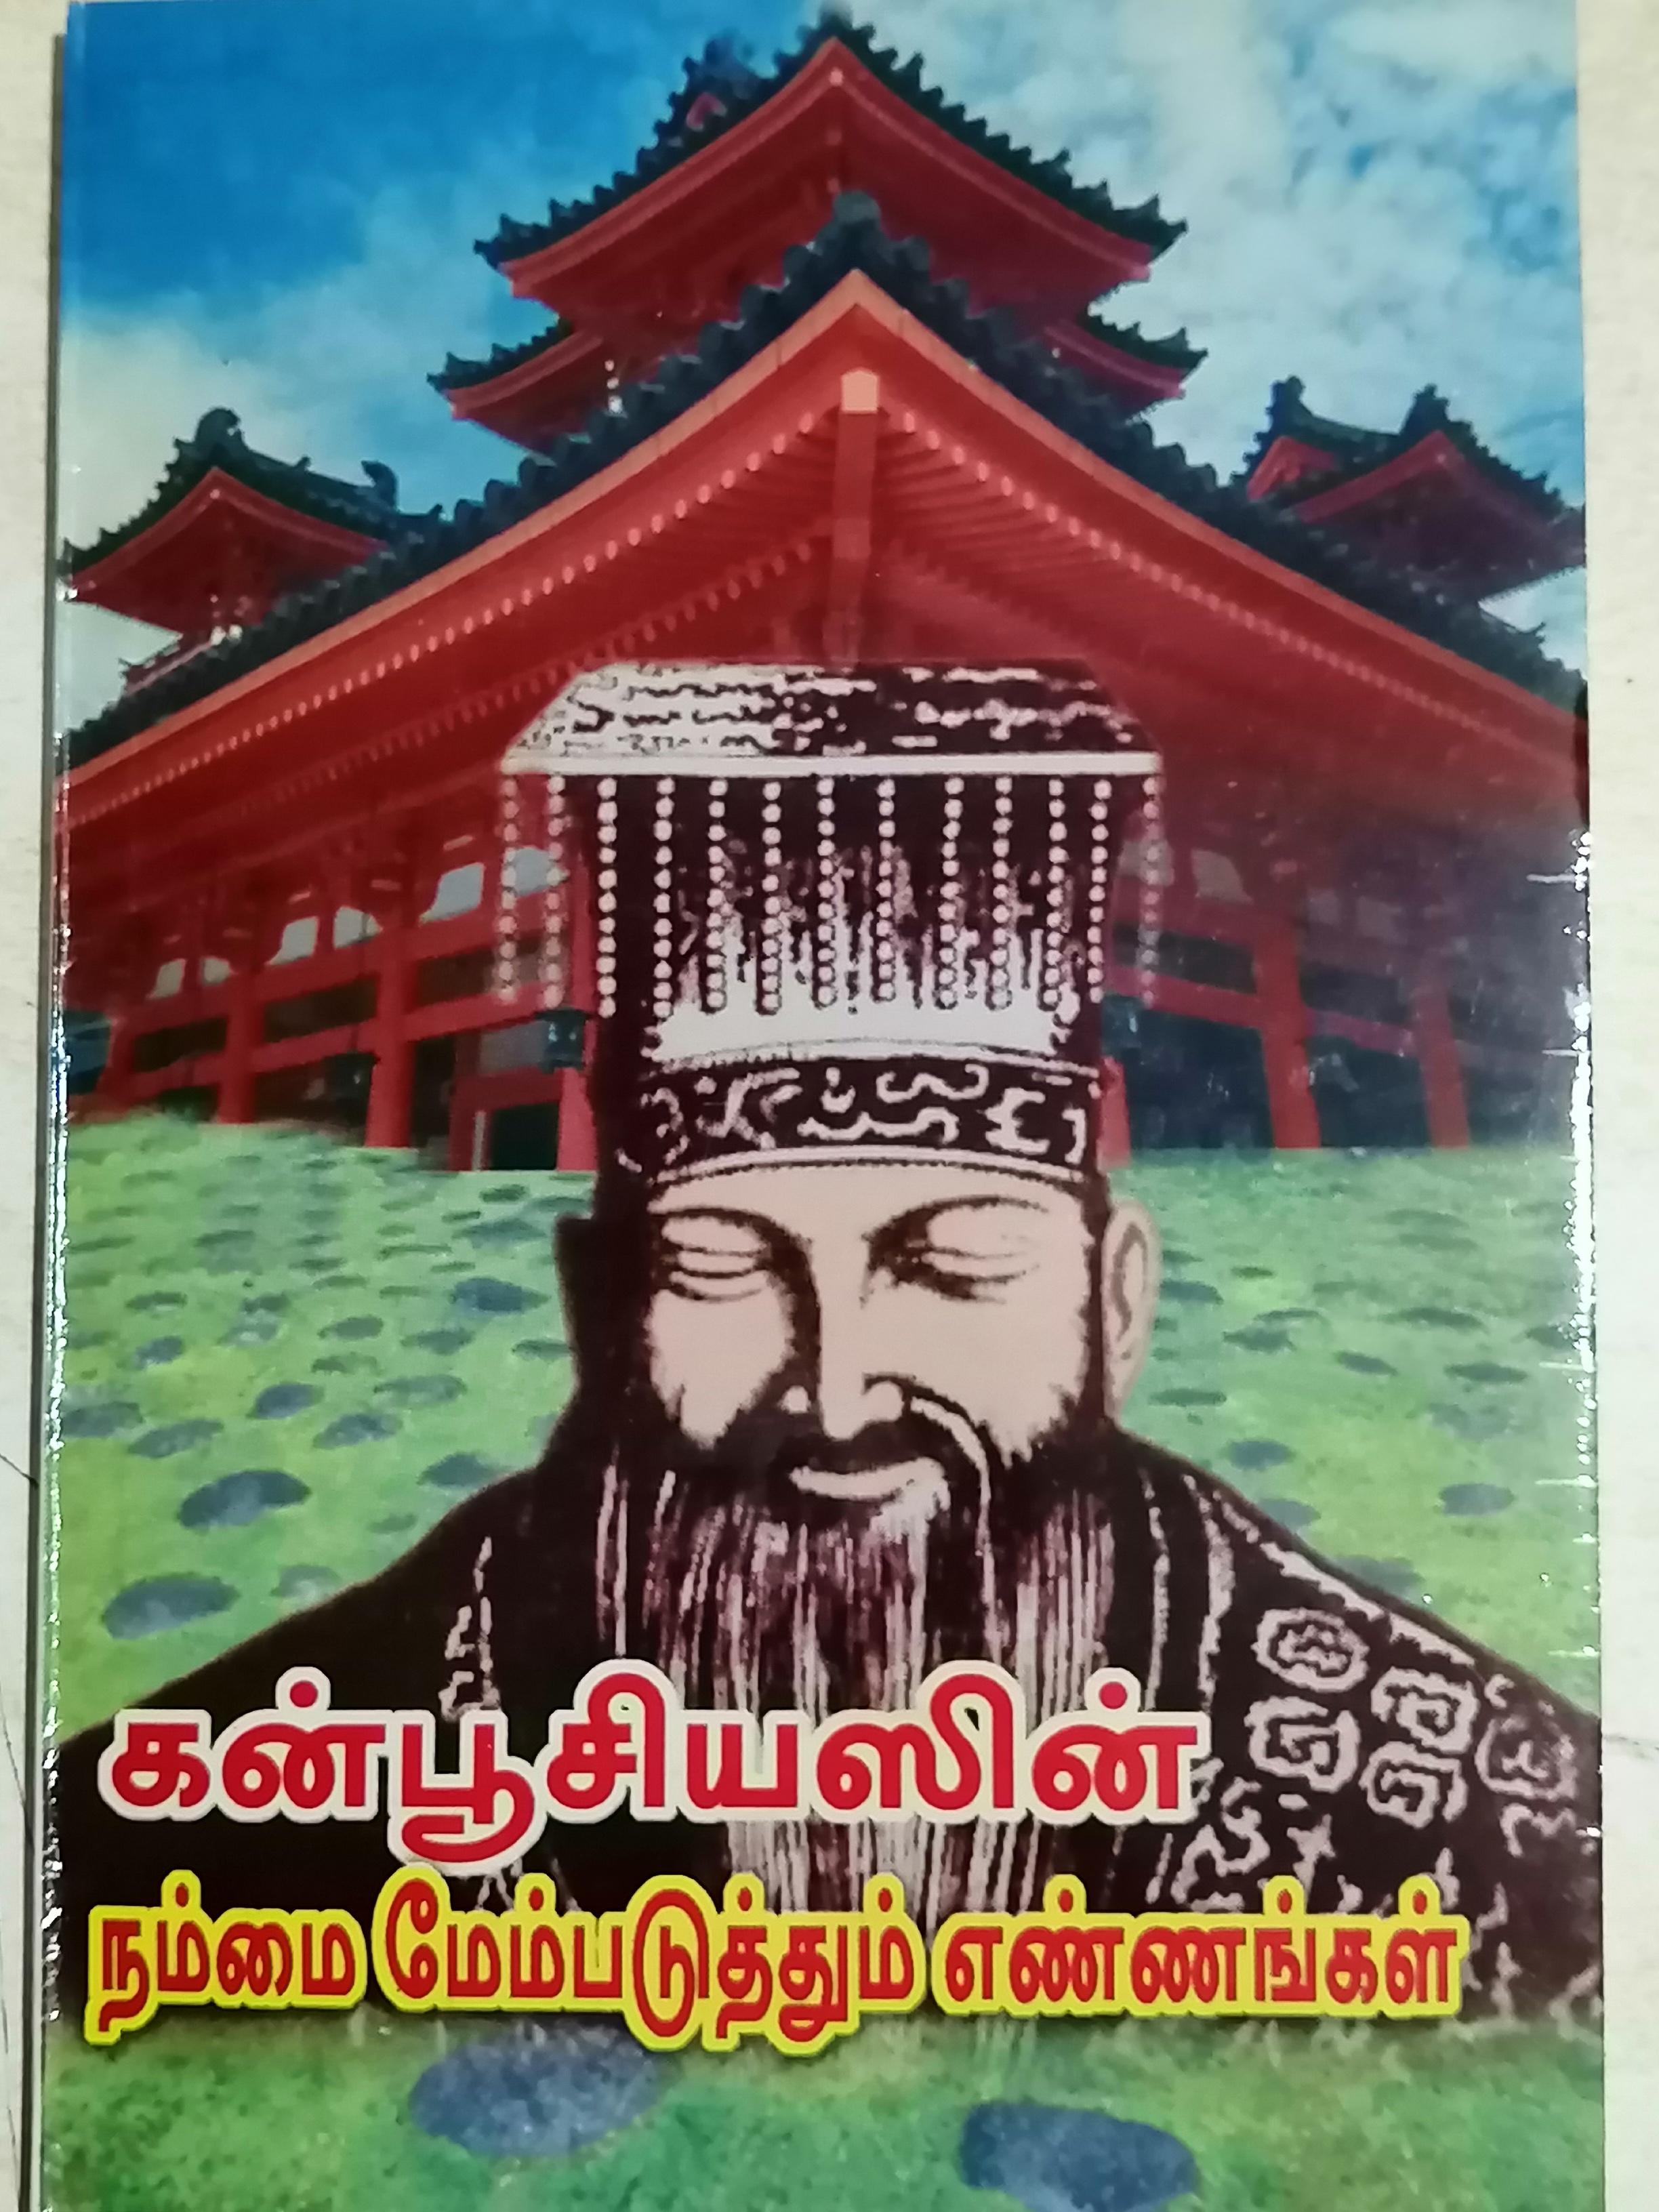 Confuciusin Nammai Mempaduthum Ennangal by N V Kalaimani கன்பூசியஸின் நம்மை மேம்படுத்தும் எண்ணங்கள் - என். வி. கலைமணி